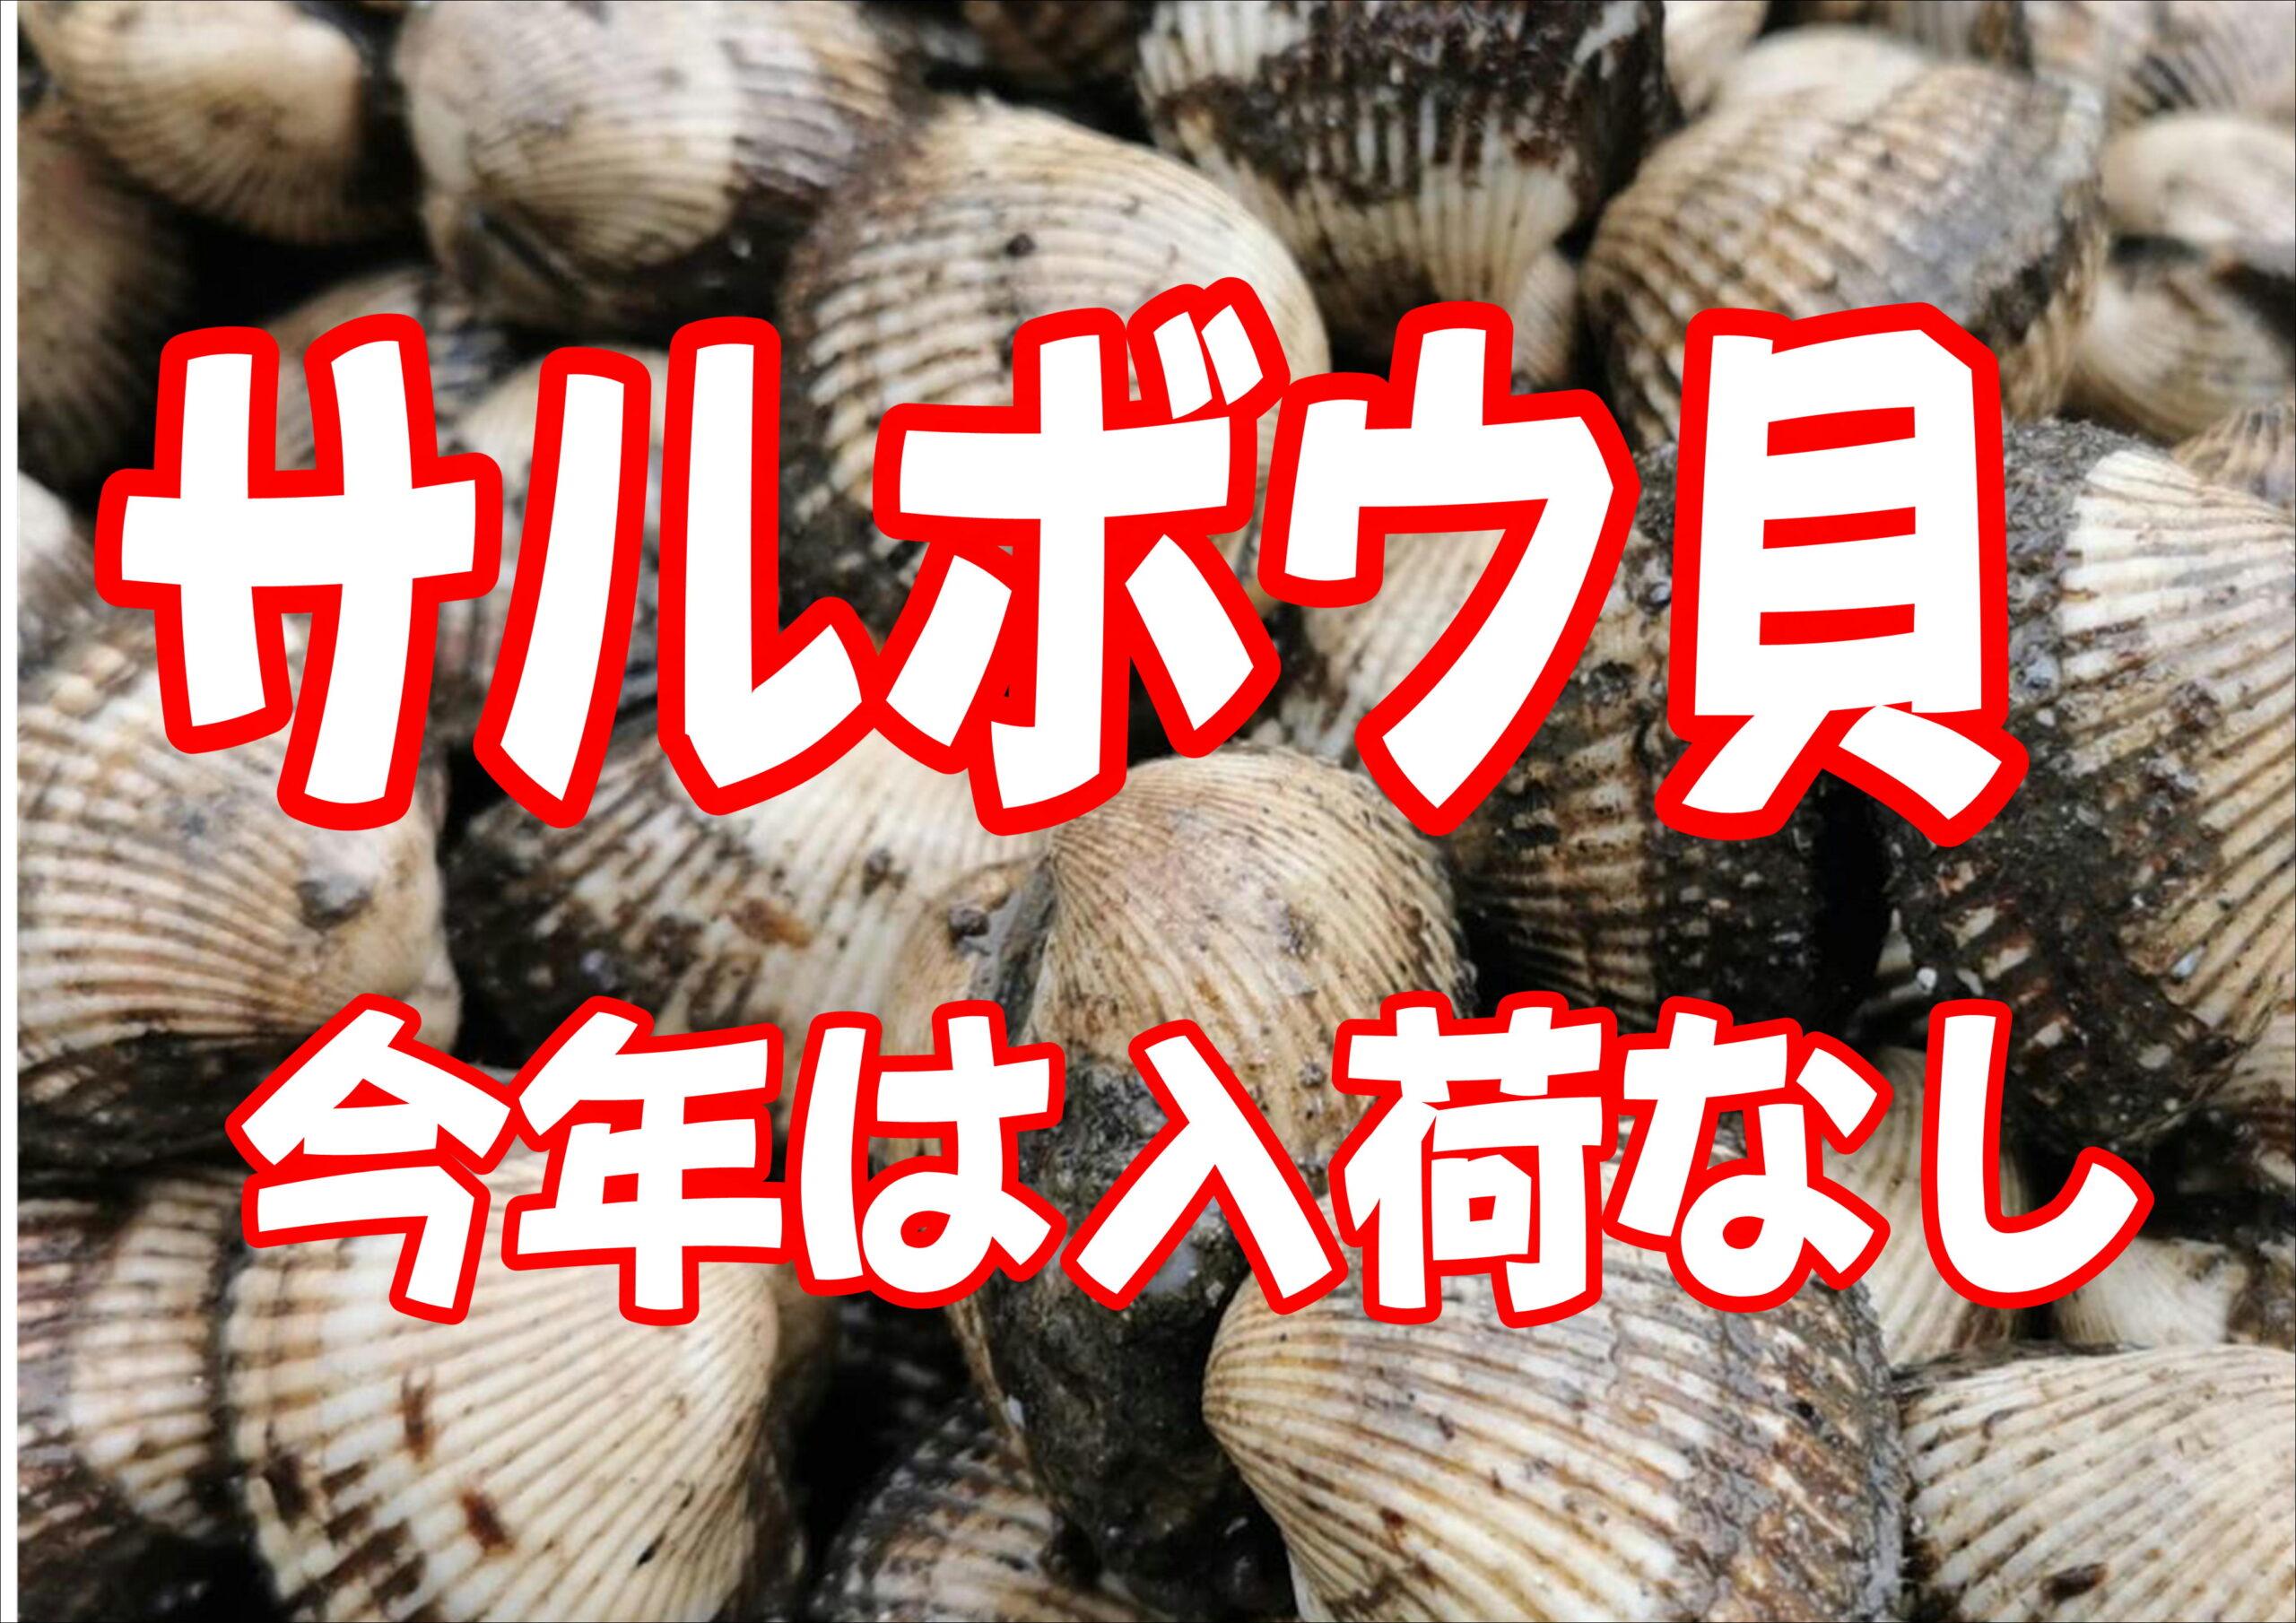 春の底物エサ サルボウ貝は、今年は入荷なし